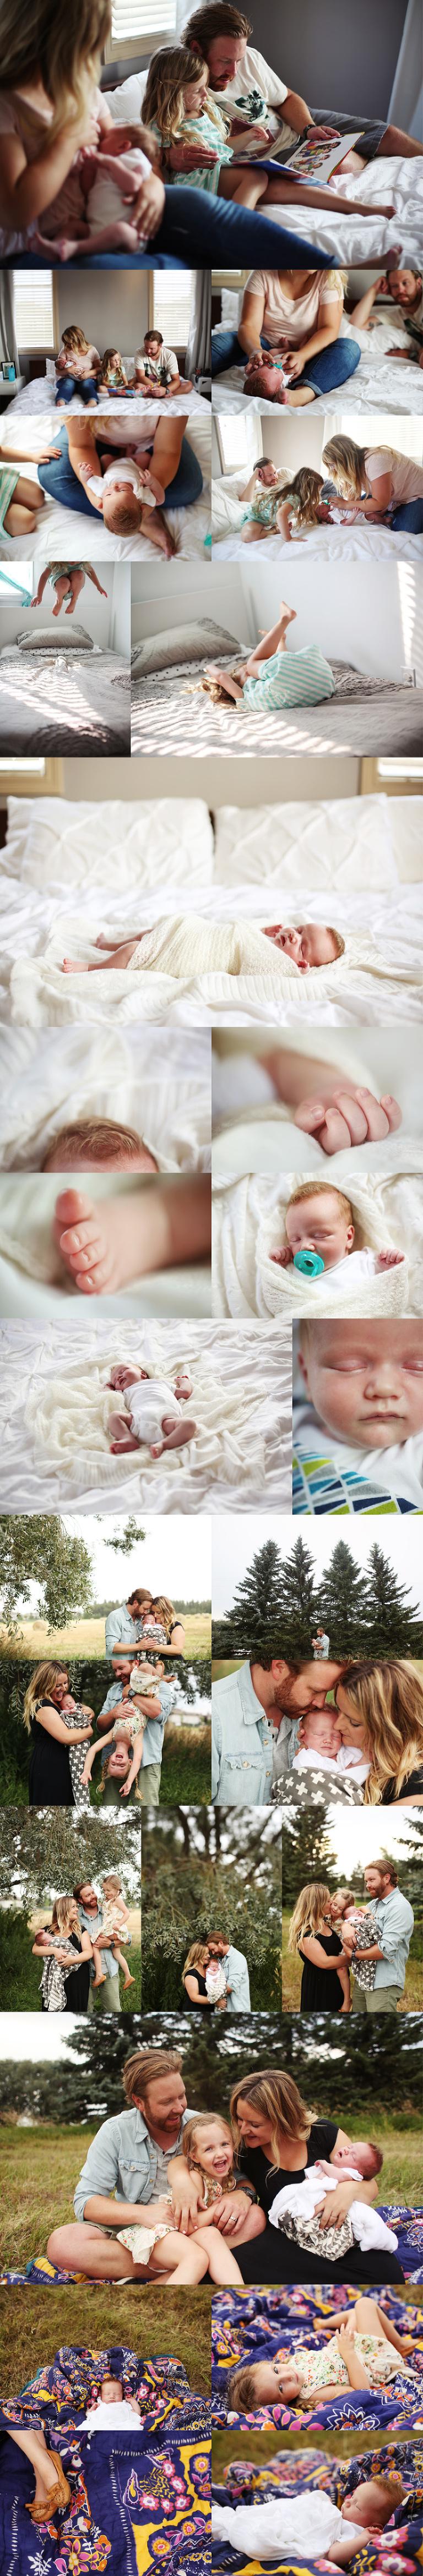 edmonton-newborn-photographer